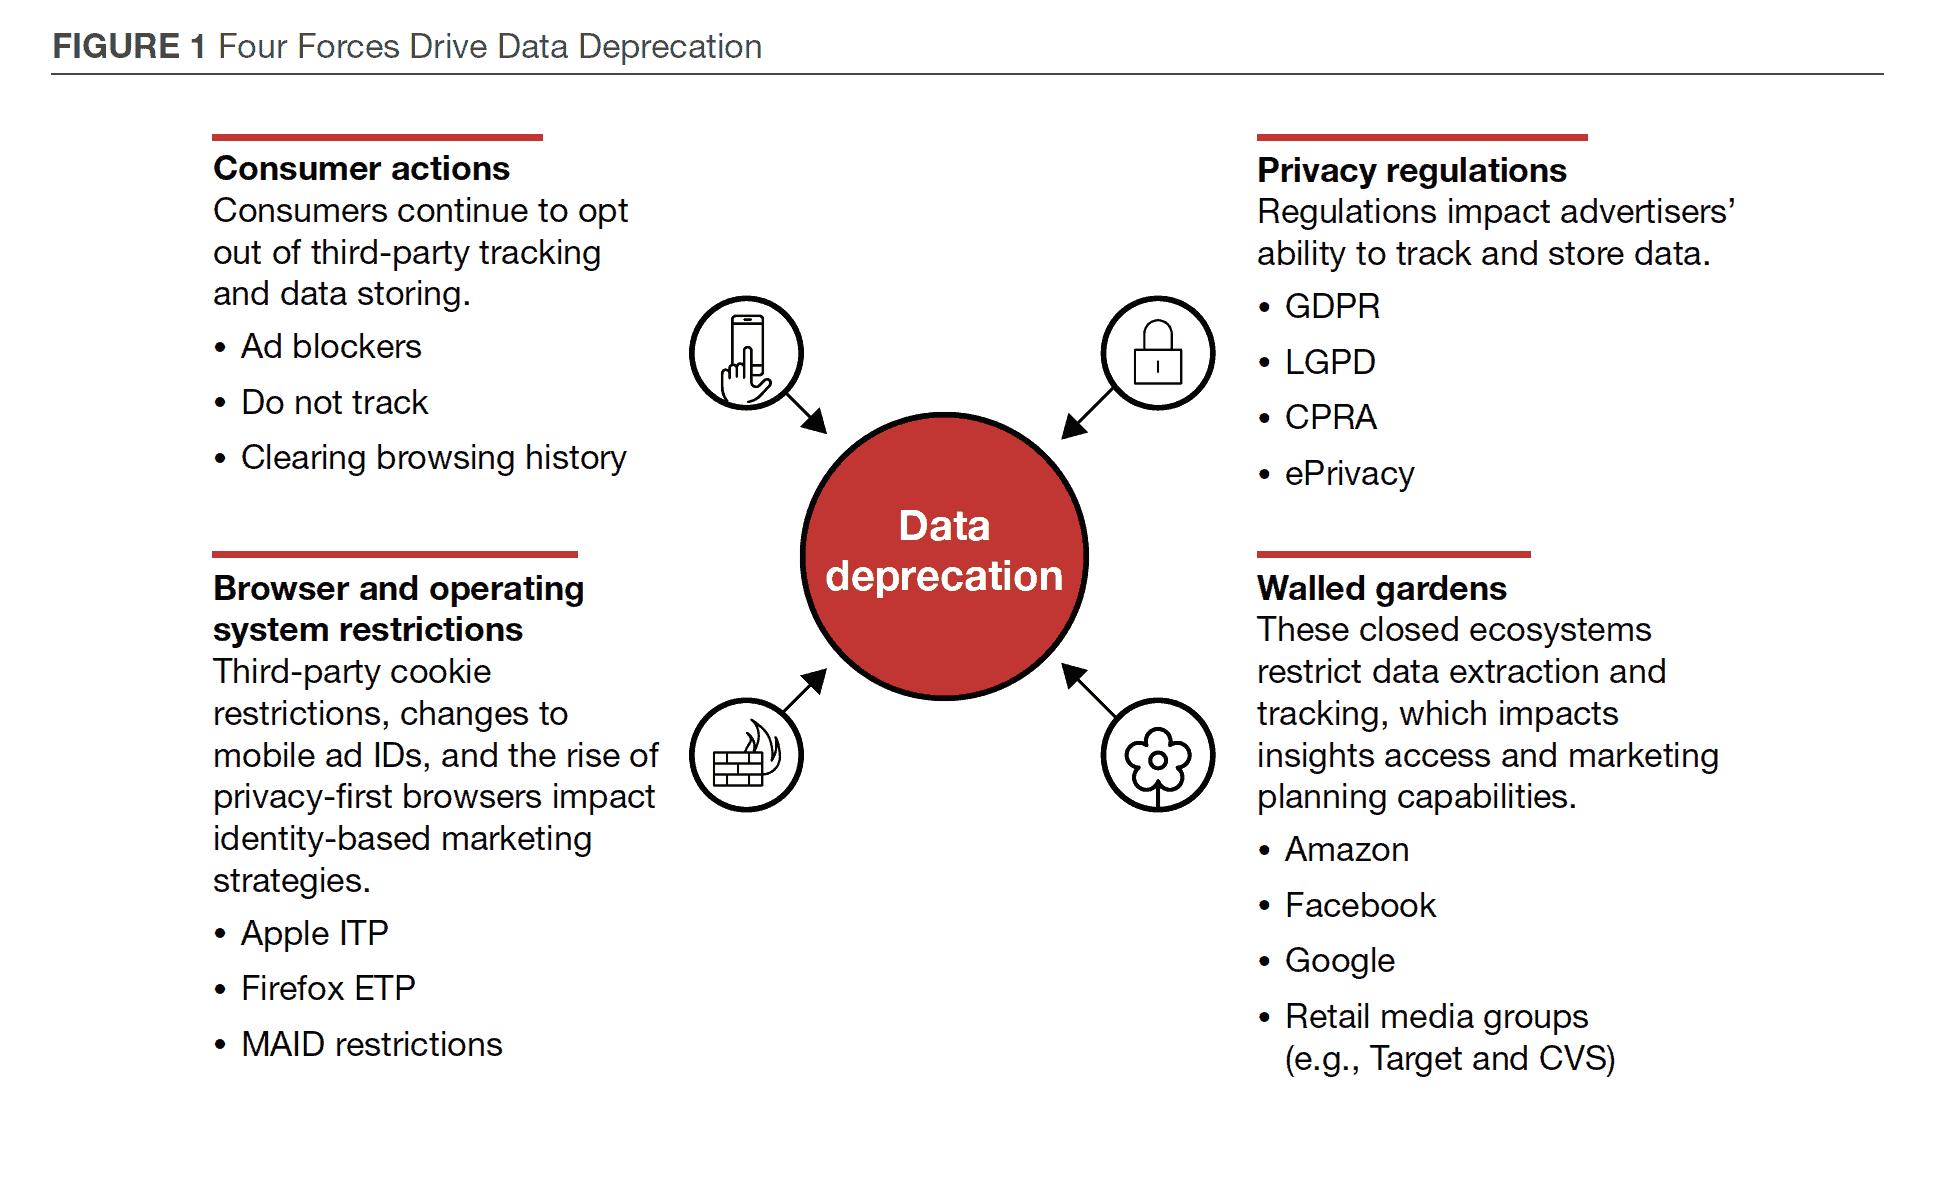 data deprecation